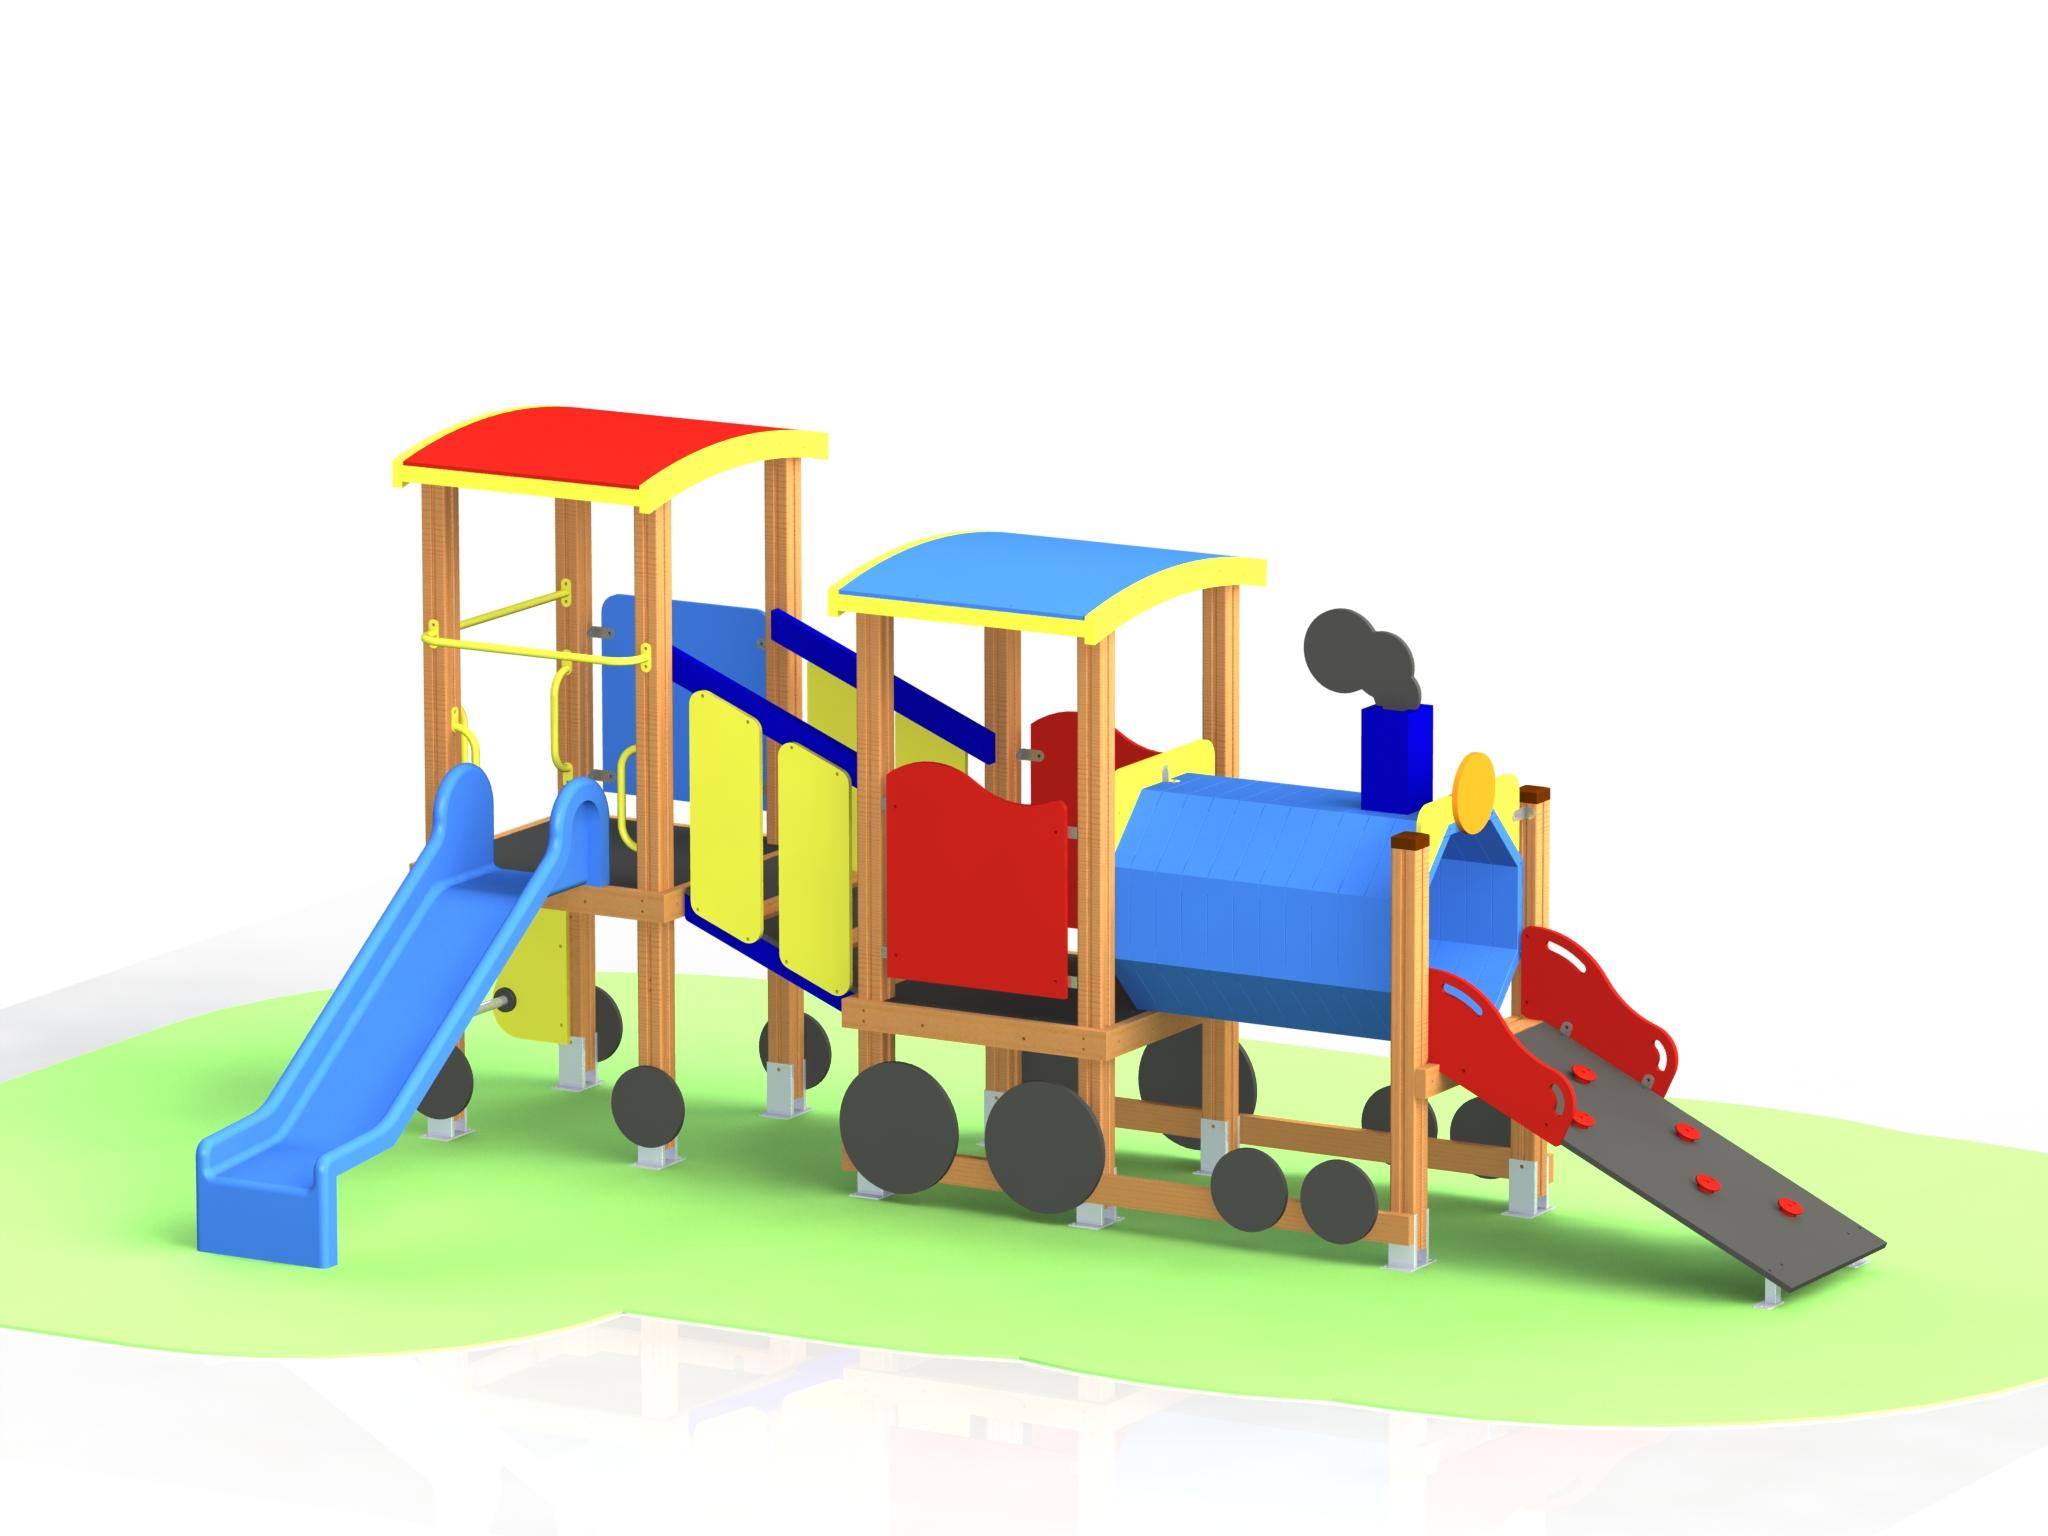 """Снимка на продукта: Комбинирано детско съоръжение, модел КД57 – """"Влакче"""""""